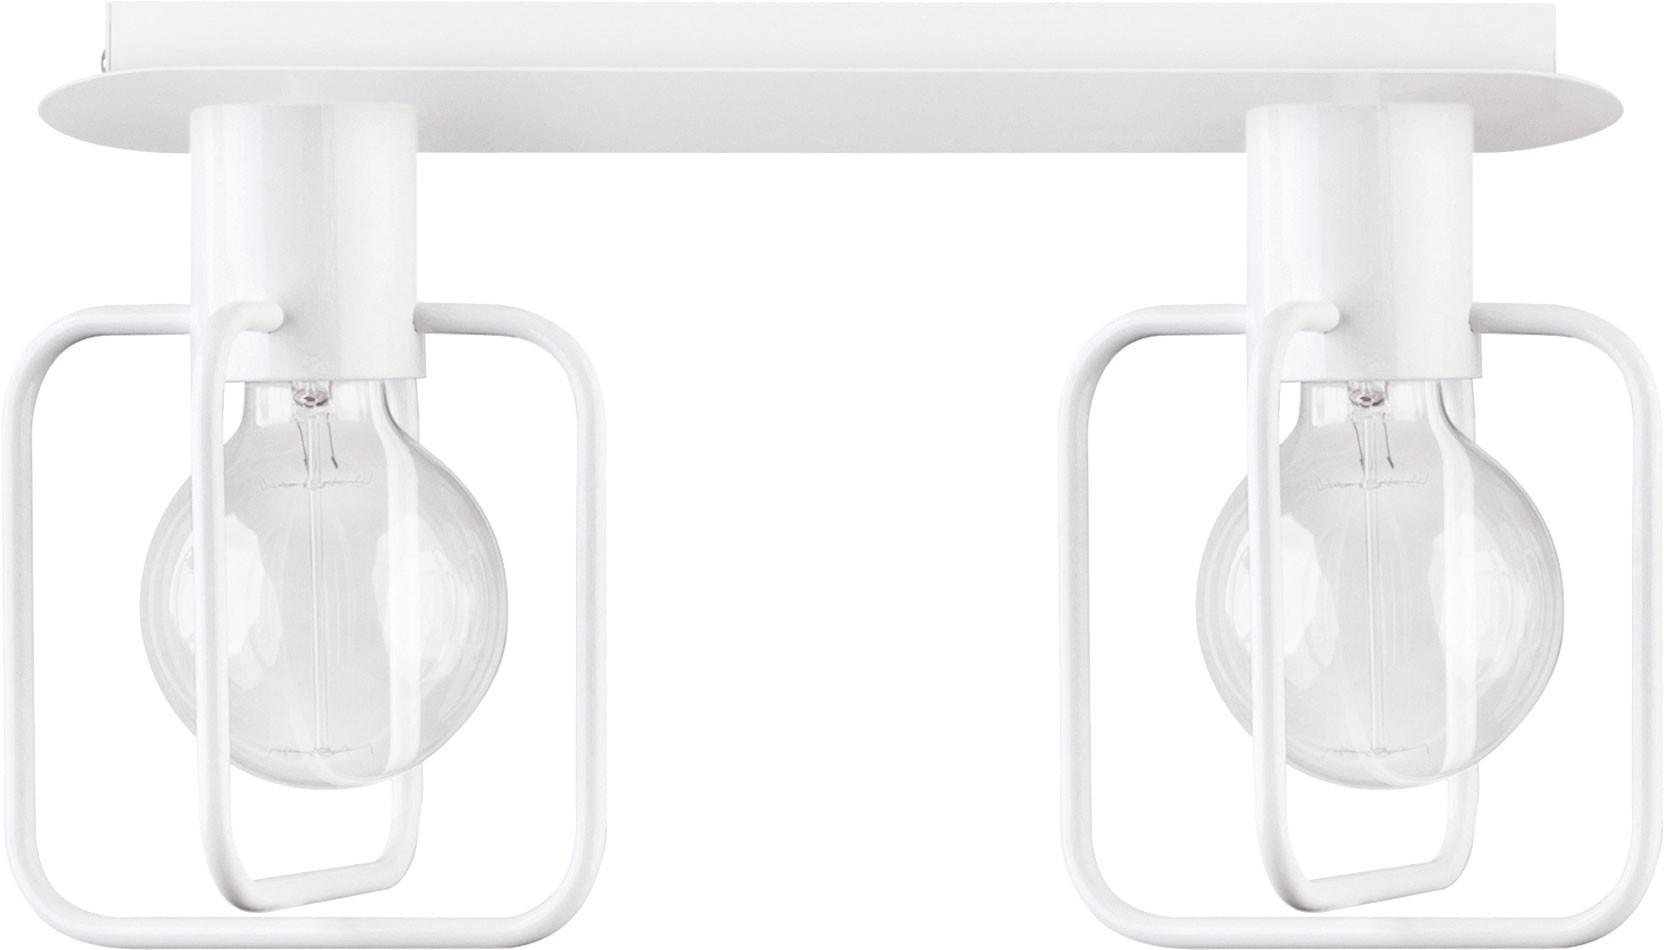 Lampa sufitowa Aura kwadrat 2 biała 31125 - Sigma Do -17% rabatu w koszyku i darmowa dostawa od 299zł !